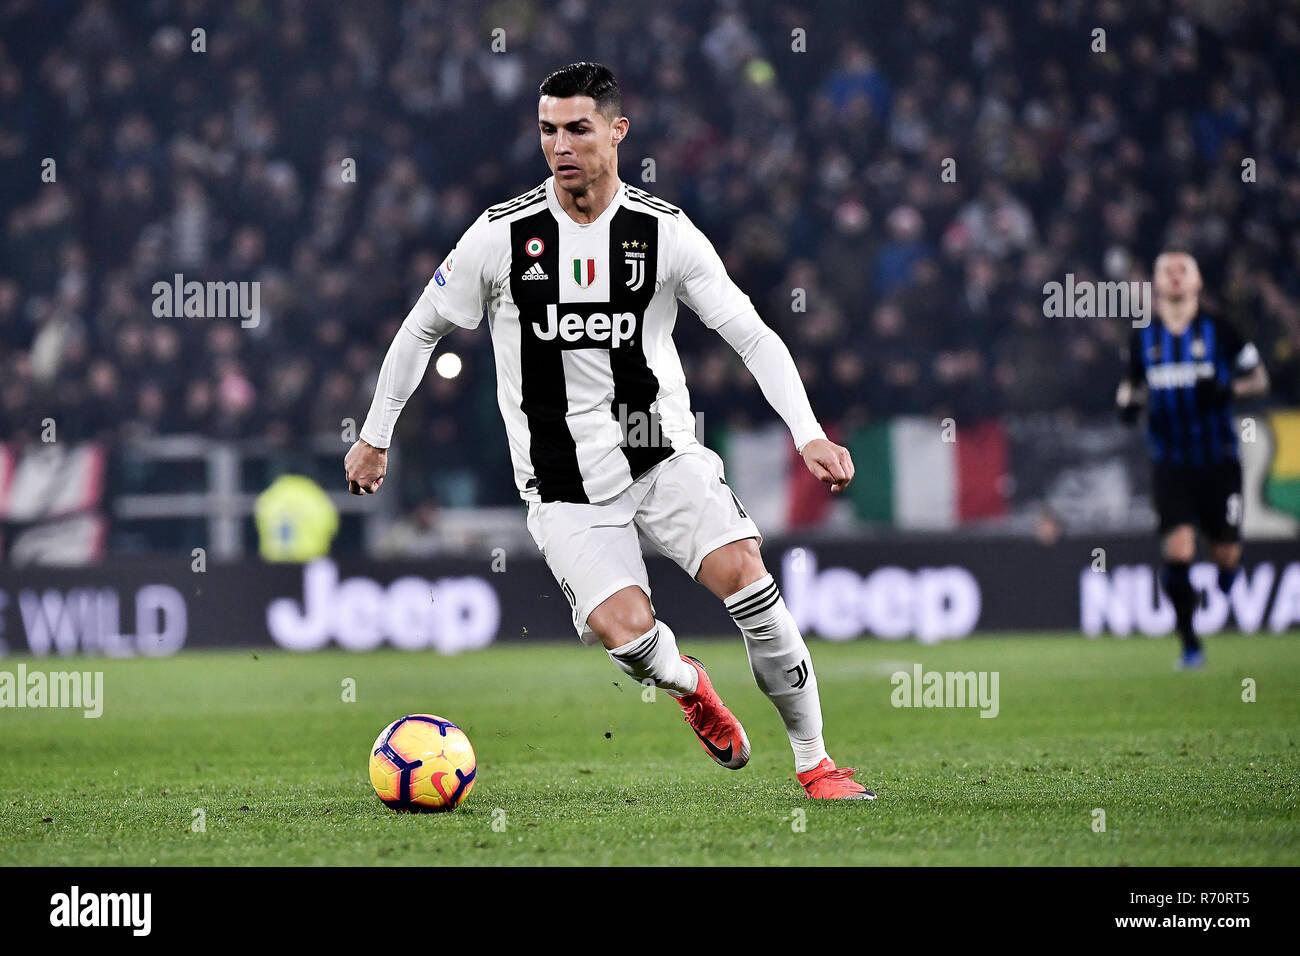 Turin Italy 7th December 2018 Juventus Vs Inter Campionato Di Calcio Serie A Tim 2018 2019